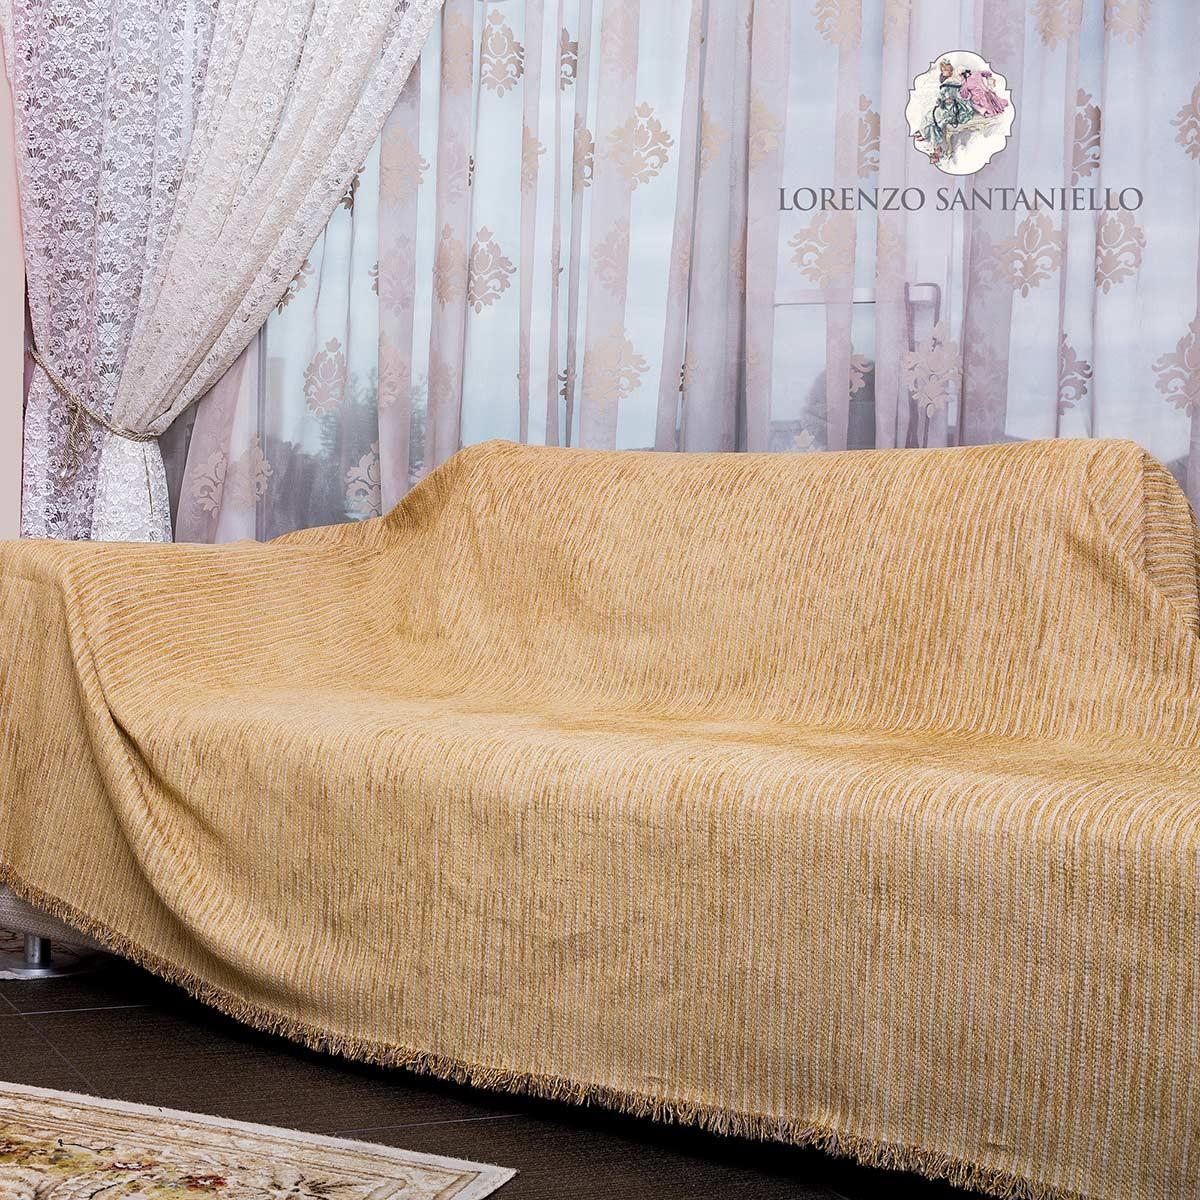 Ριχτάρι Τριθέσιου (180x300) Lorenzo Santaniello Kotle Gold